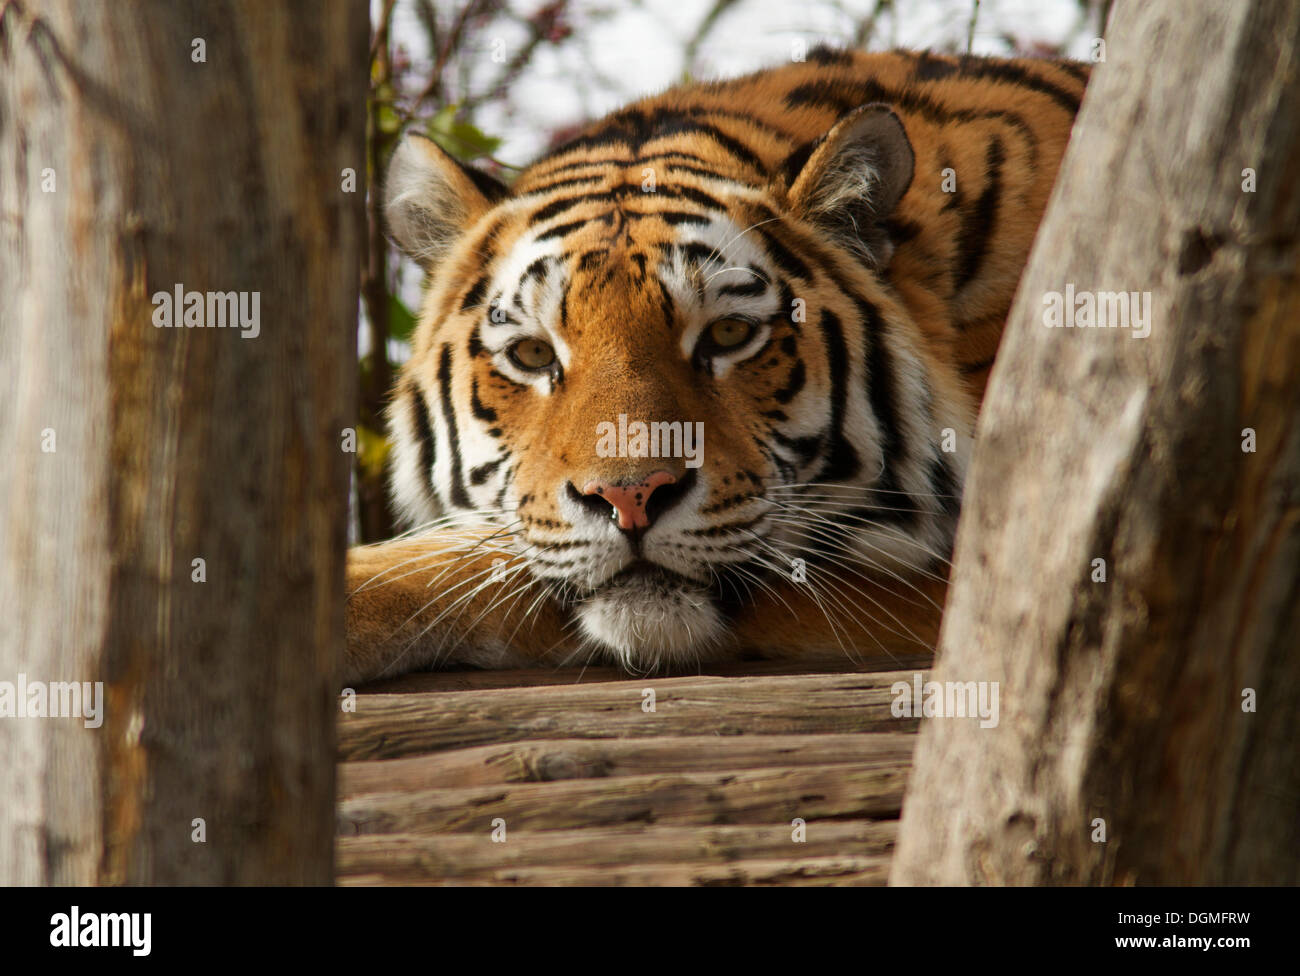 Tiger (Panthera tigris), Tiergarten Schönbrunn, Vienna, Vienna State, Austria Stock Photo